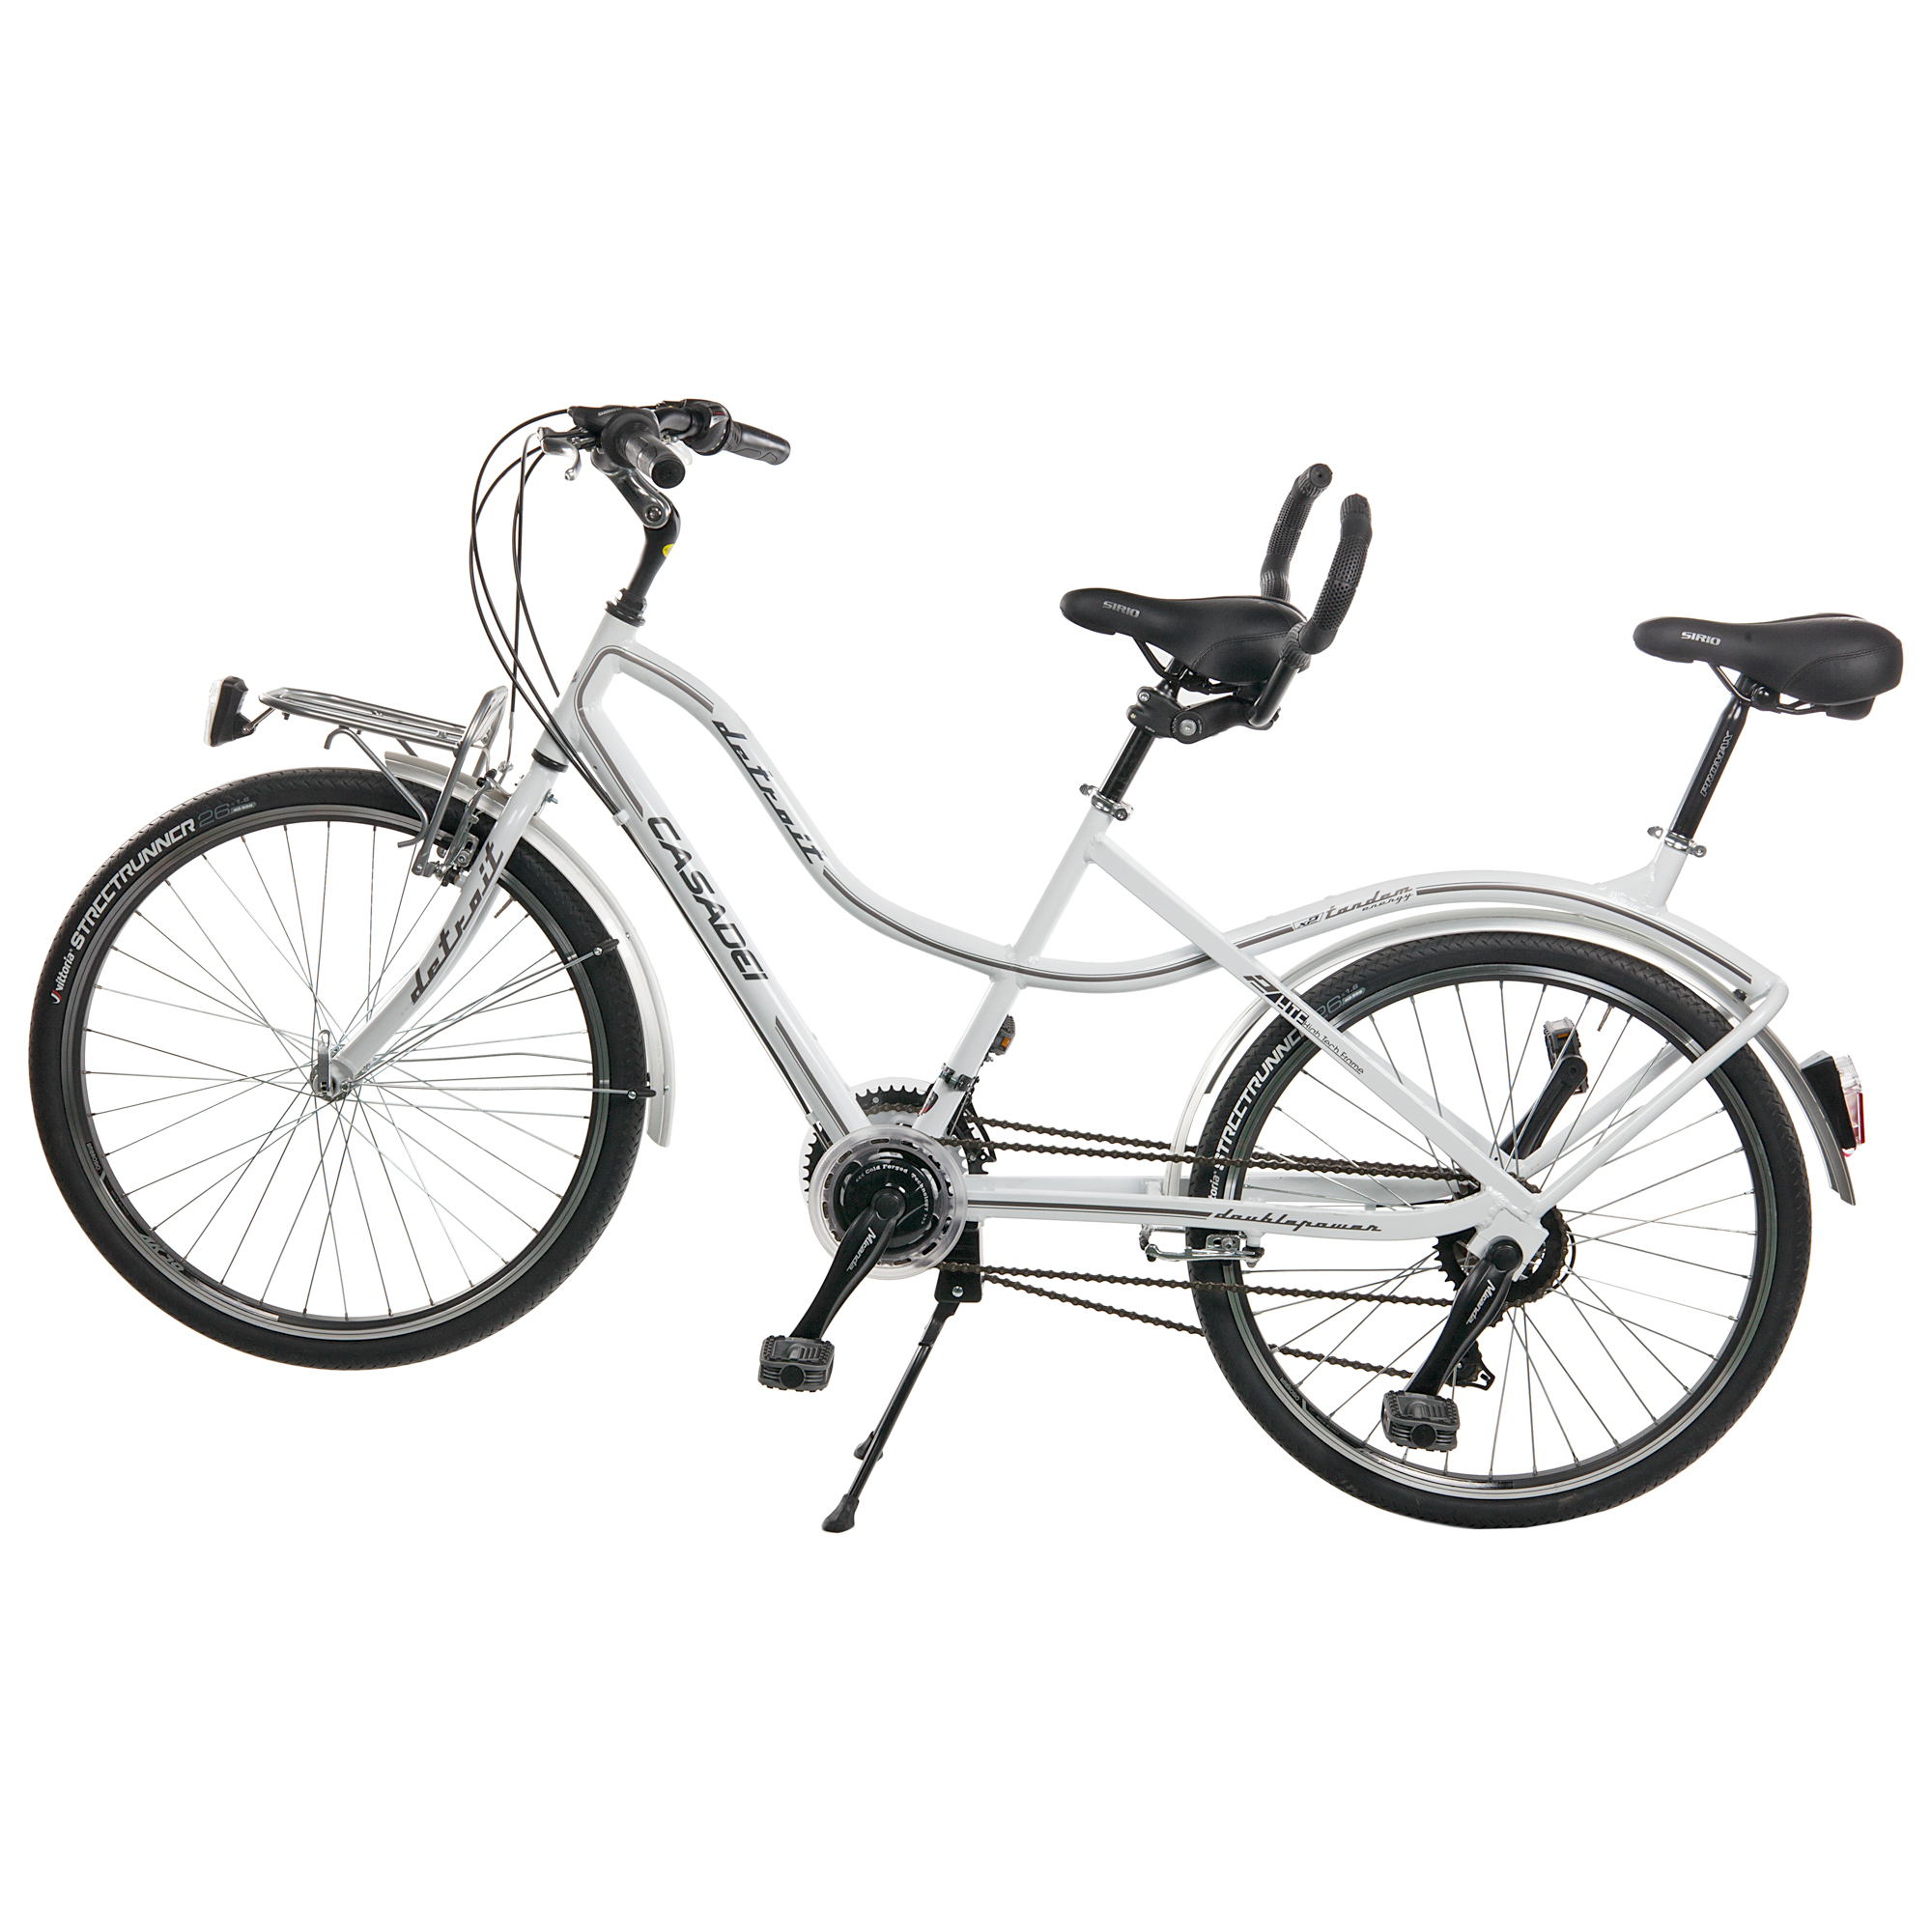 Купить Велосипед Casadei tandem 26 21v, Италия